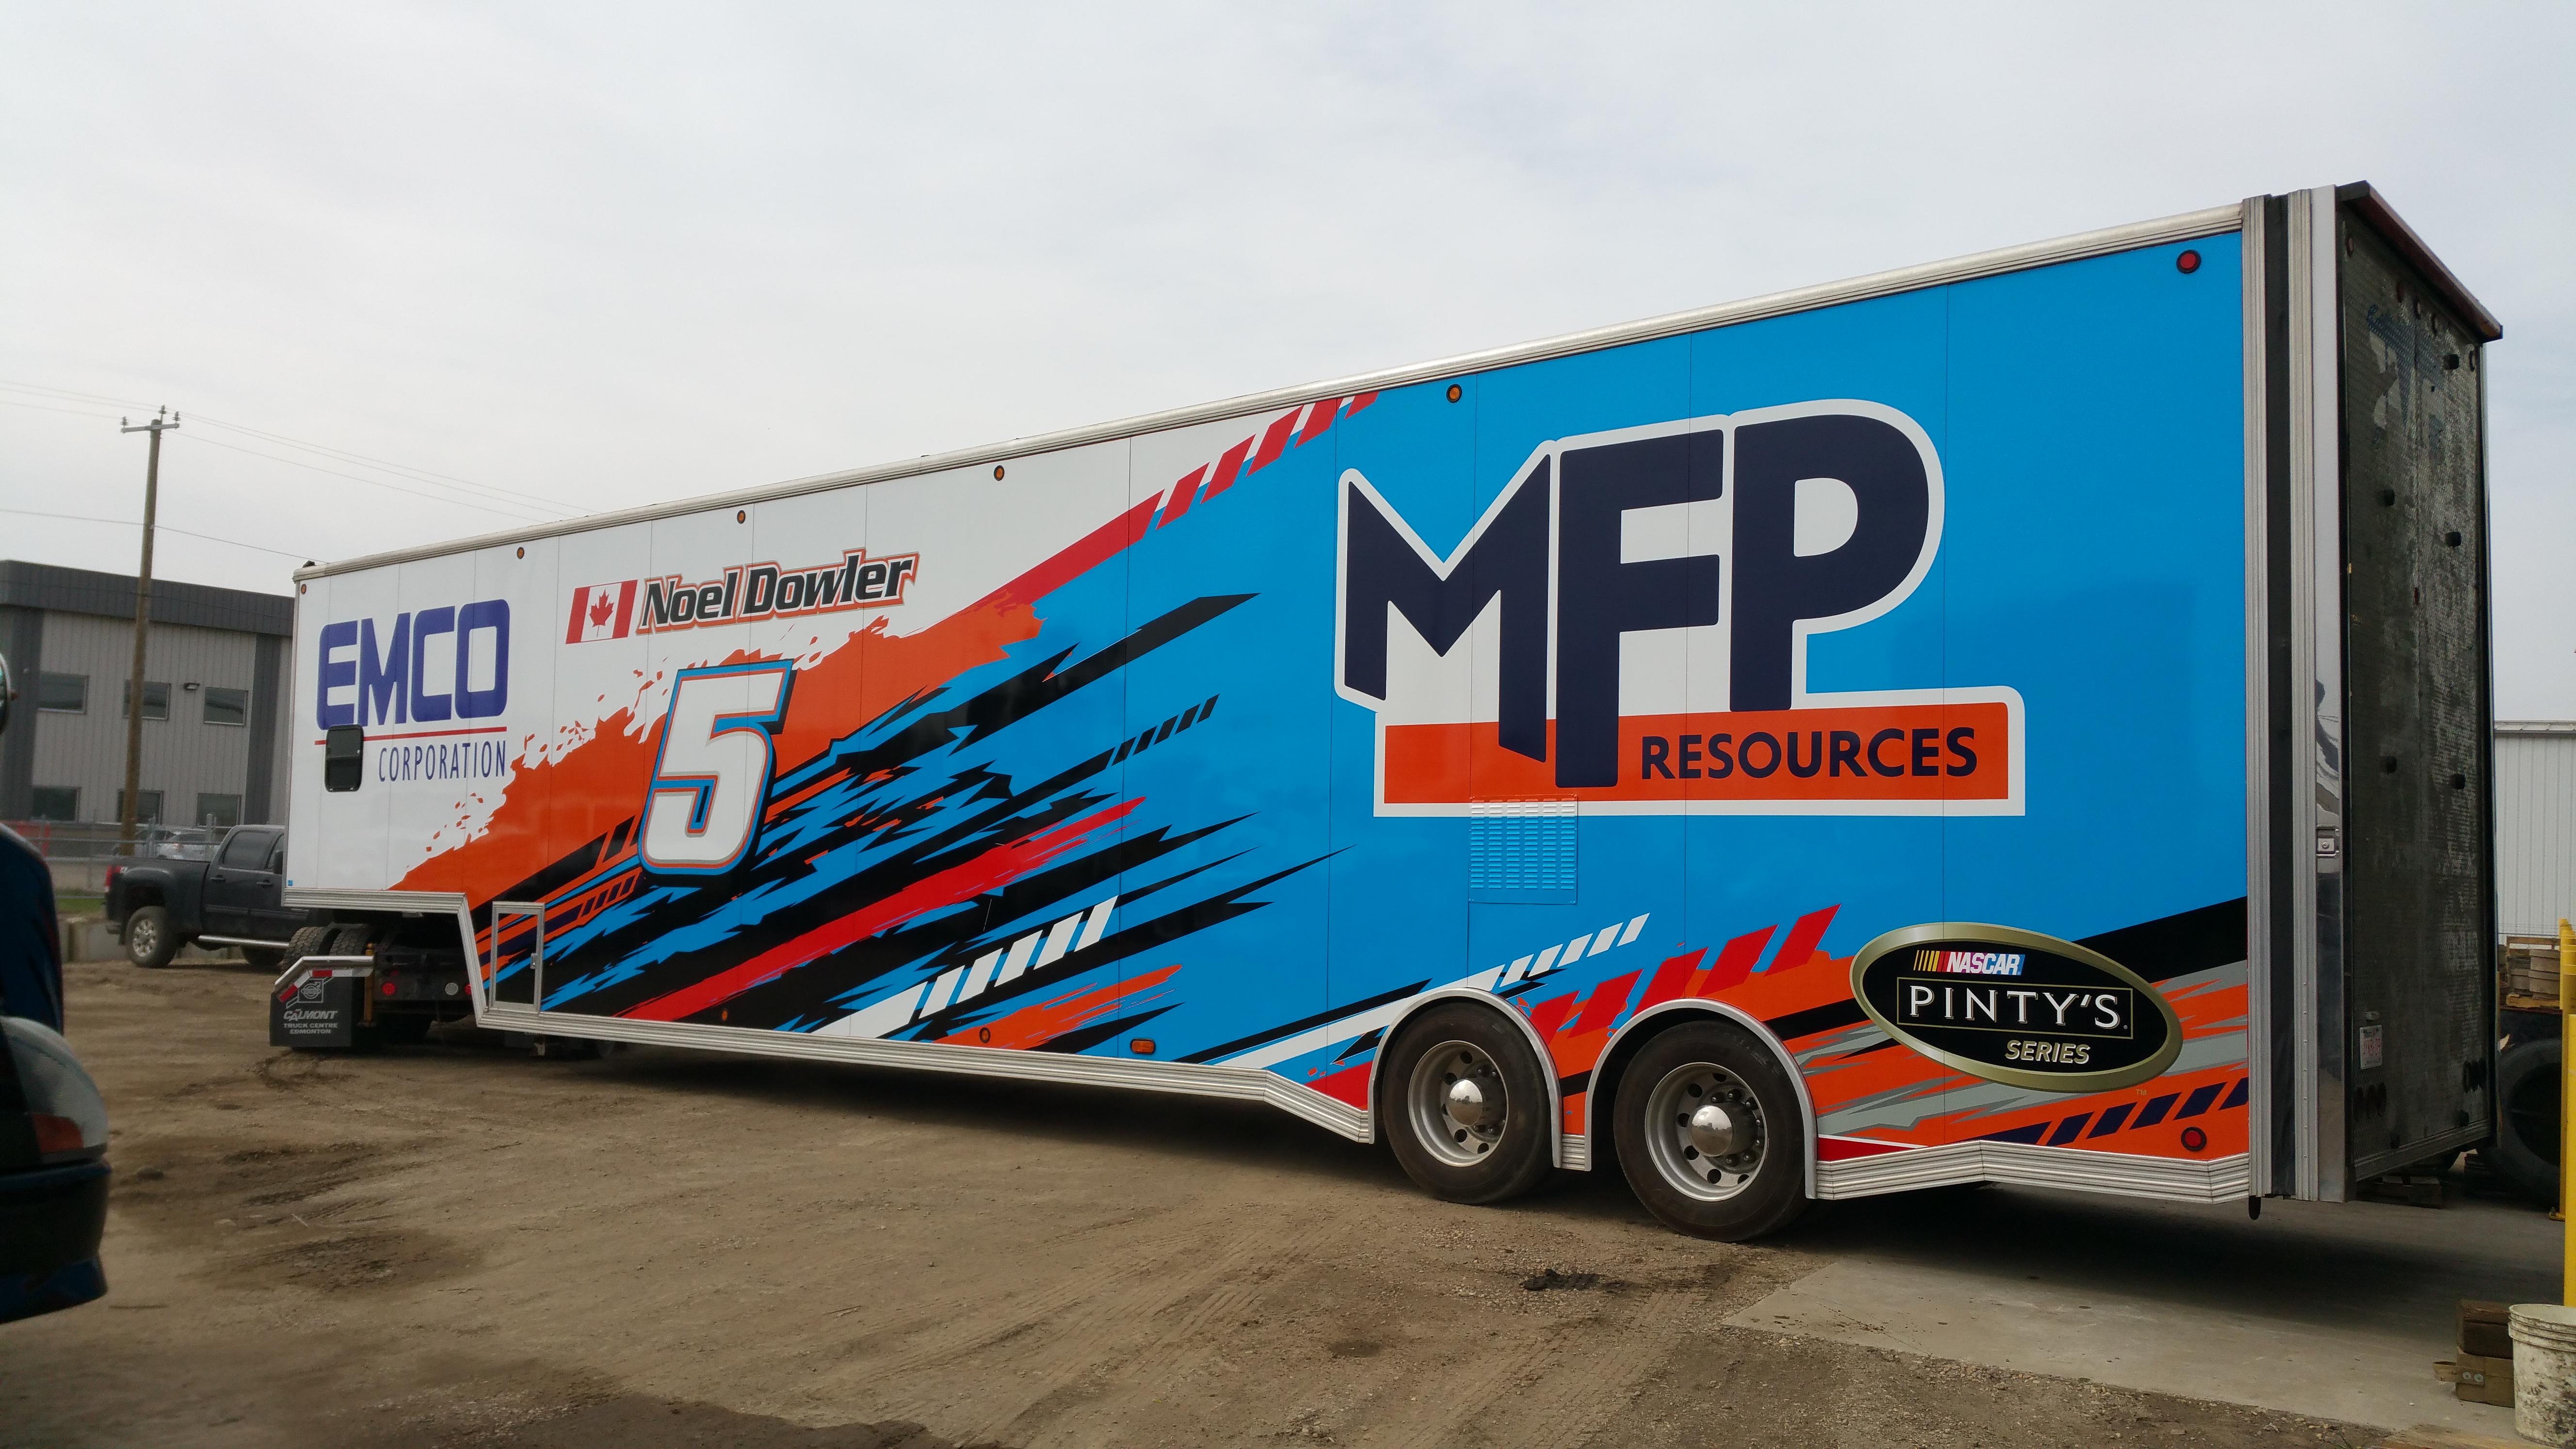 NASCAR #5 trailer wrap